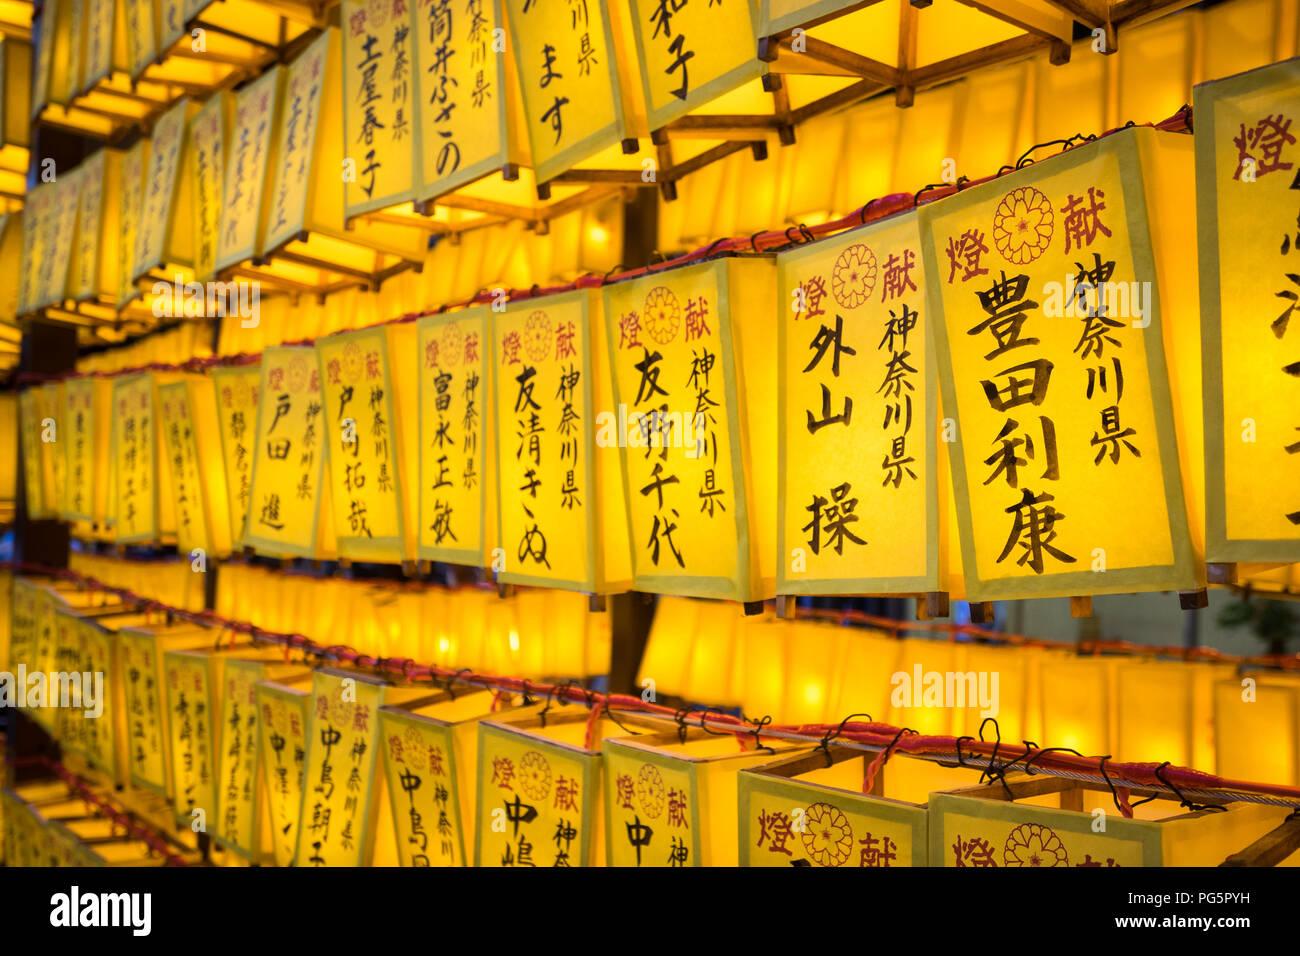 Le lanterne del 2018 Mitama Matsuri (Mitama Festival), un famoso Obon giapponese (Bon) summer festival. Il Santuario Yasukuni, Ichigaya, Tokyo, Giappone. Immagini Stock